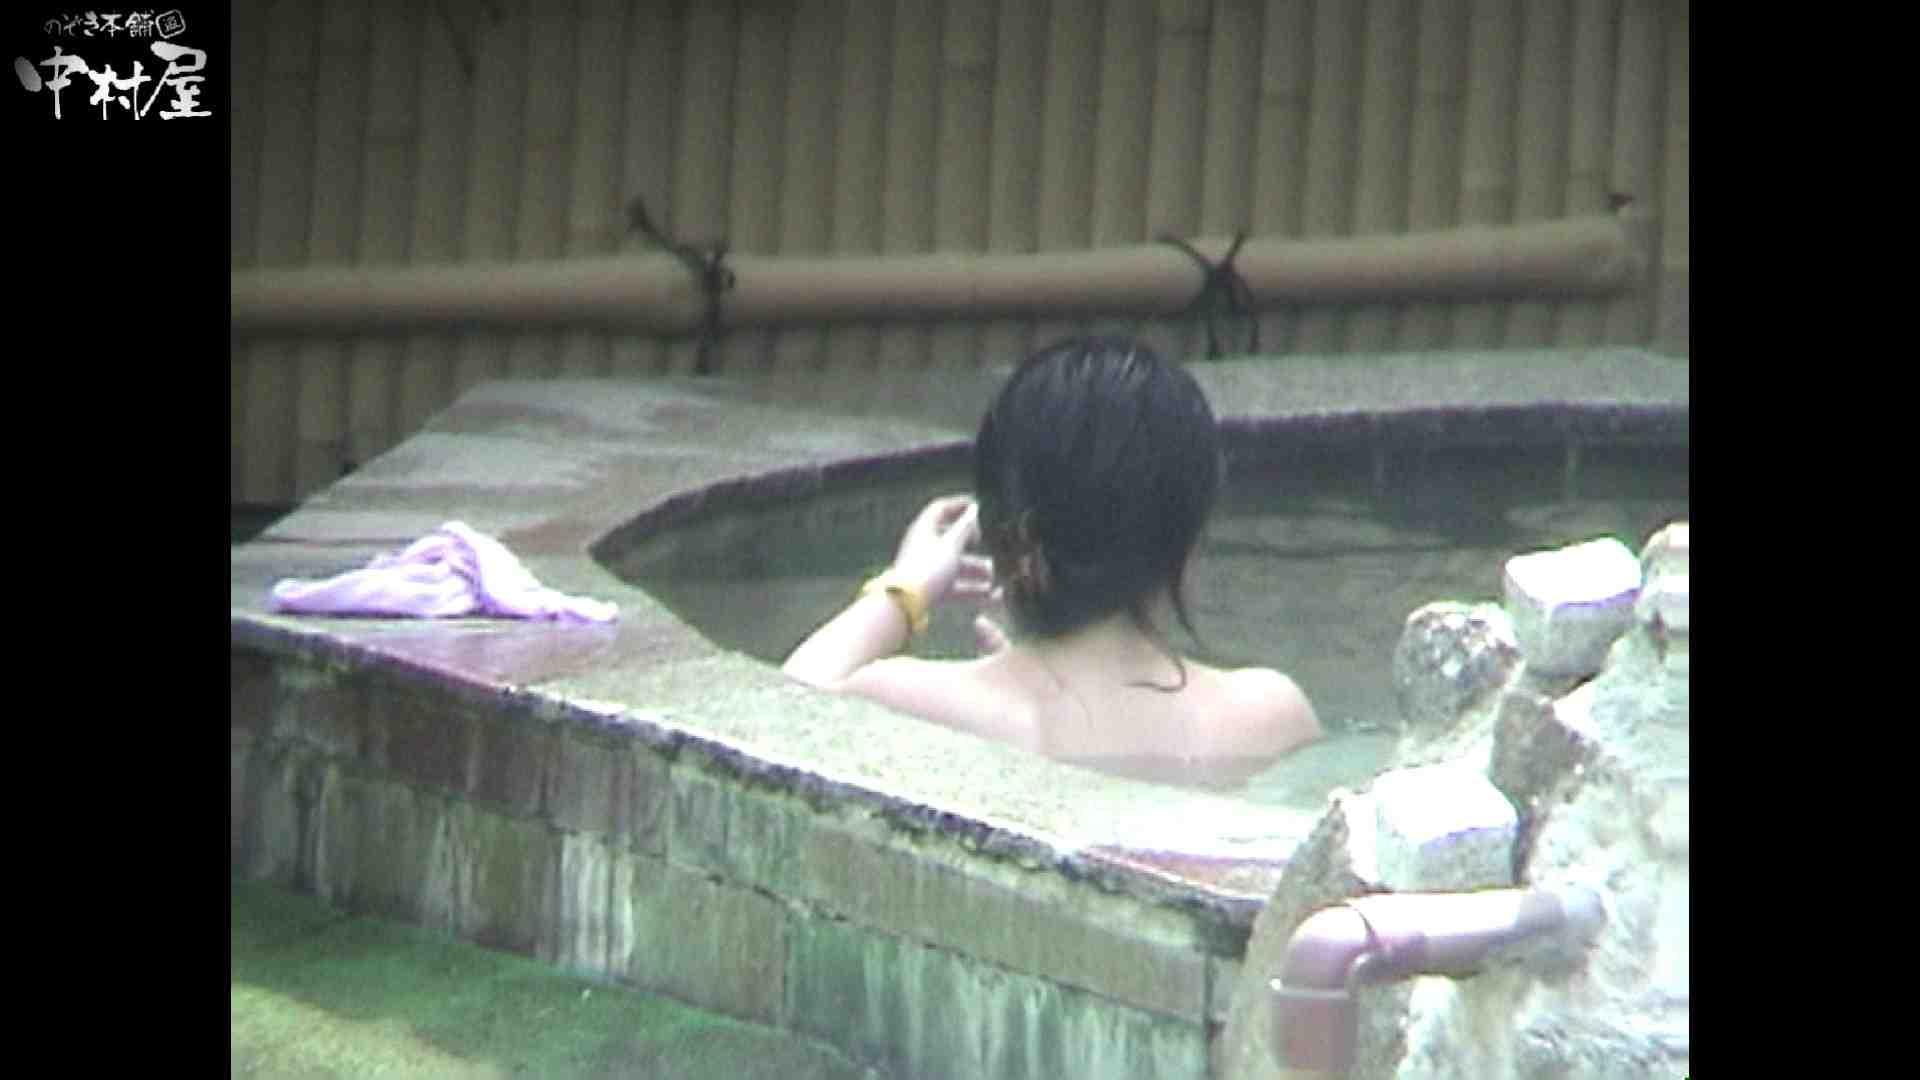 Aquaな露天風呂Vol.936 盗撮 | 露天  75画像 4